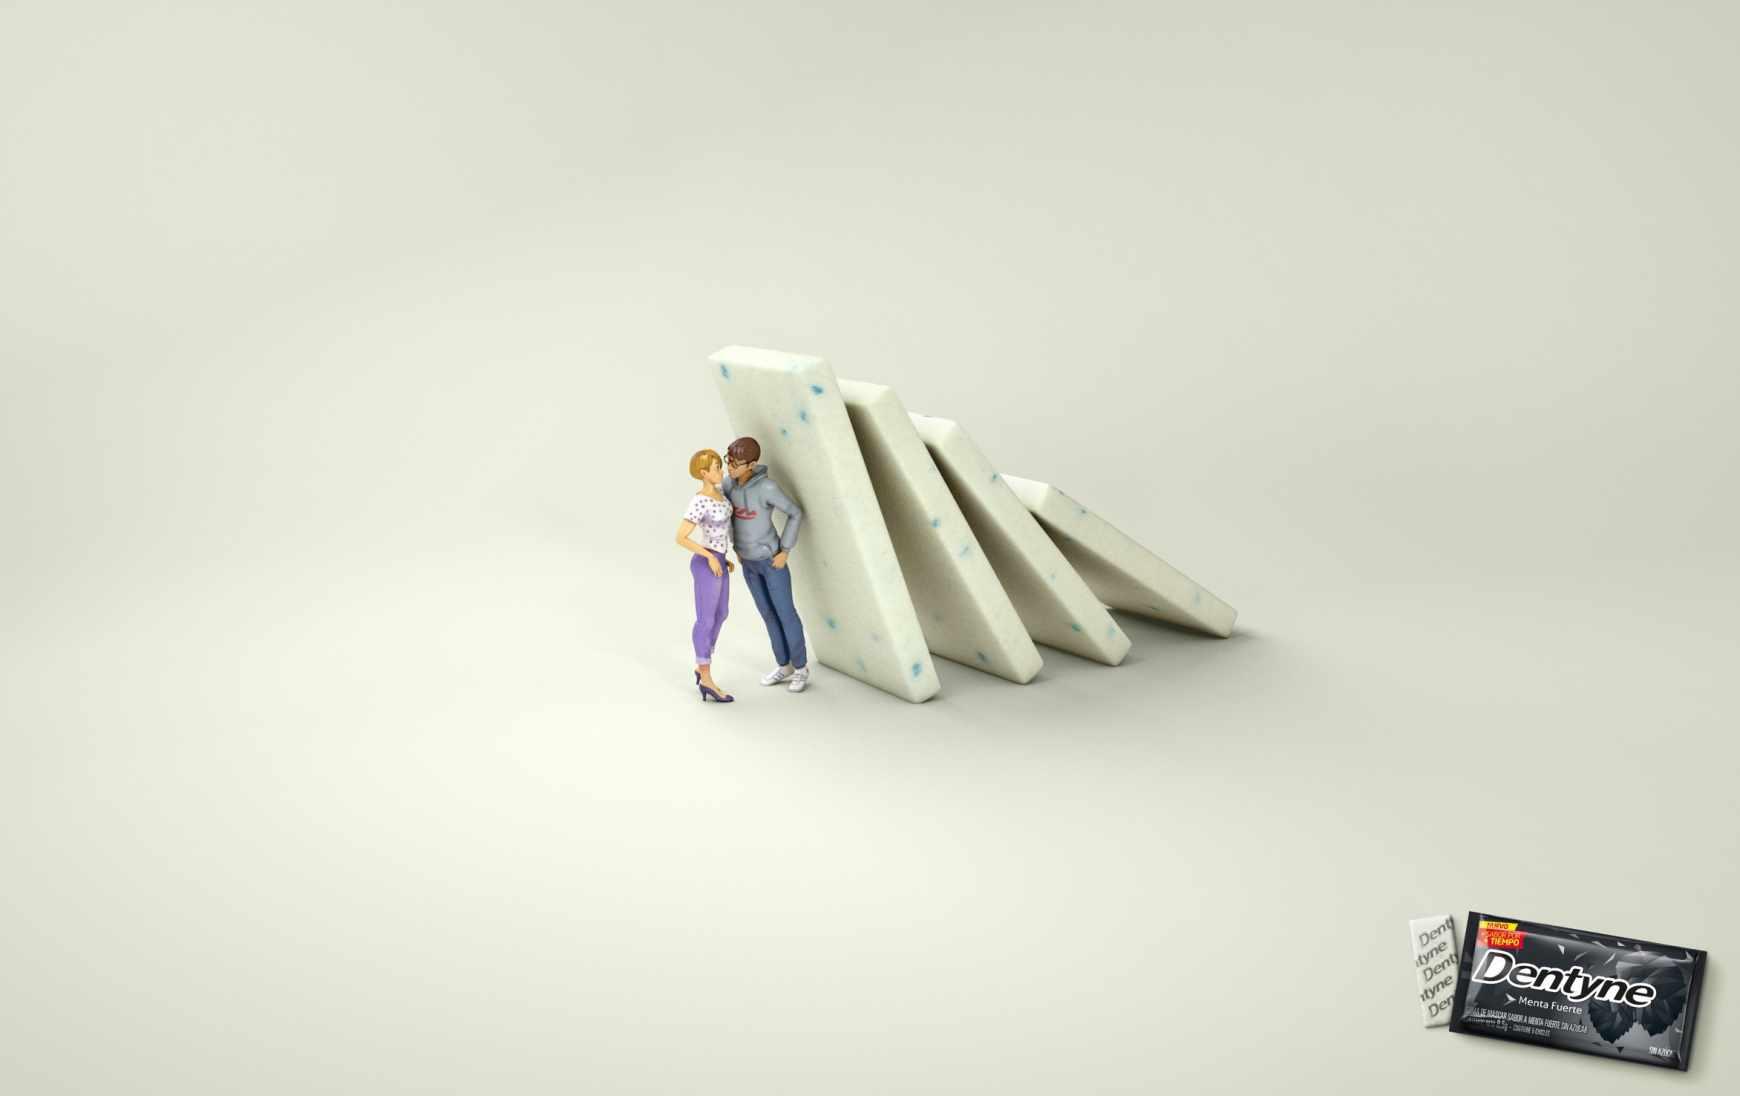 dans-ta-pub-publicite-print-creatif-creative-affiche-compilation-128-9